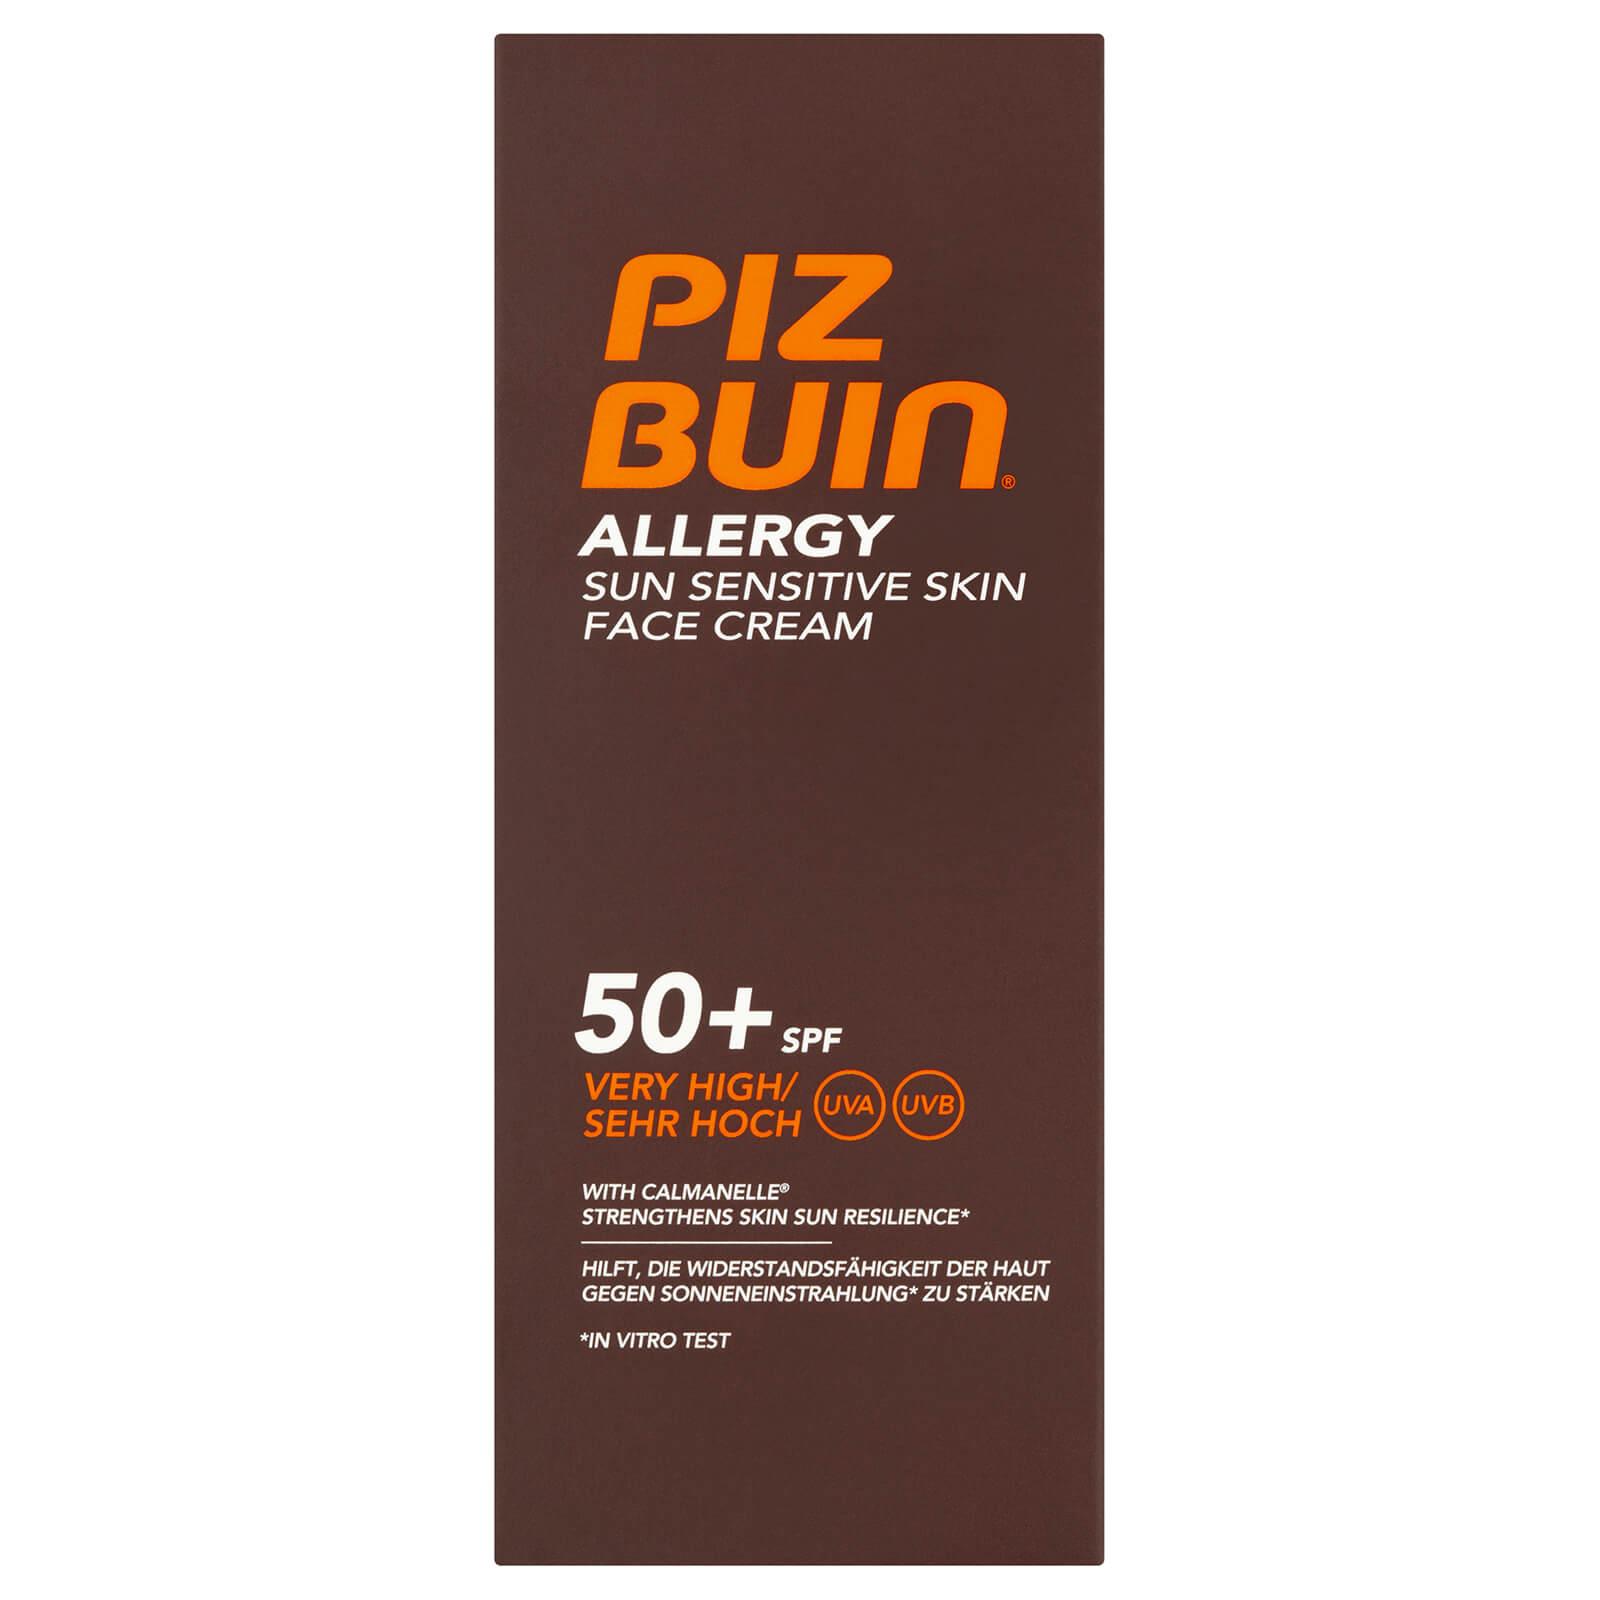 Купить Солнцезащитный крем для чувствительной кожи лица Piz Buin Allergy Sun Sensitive Skin Face Cream - Very High SPF50+ 50 мл